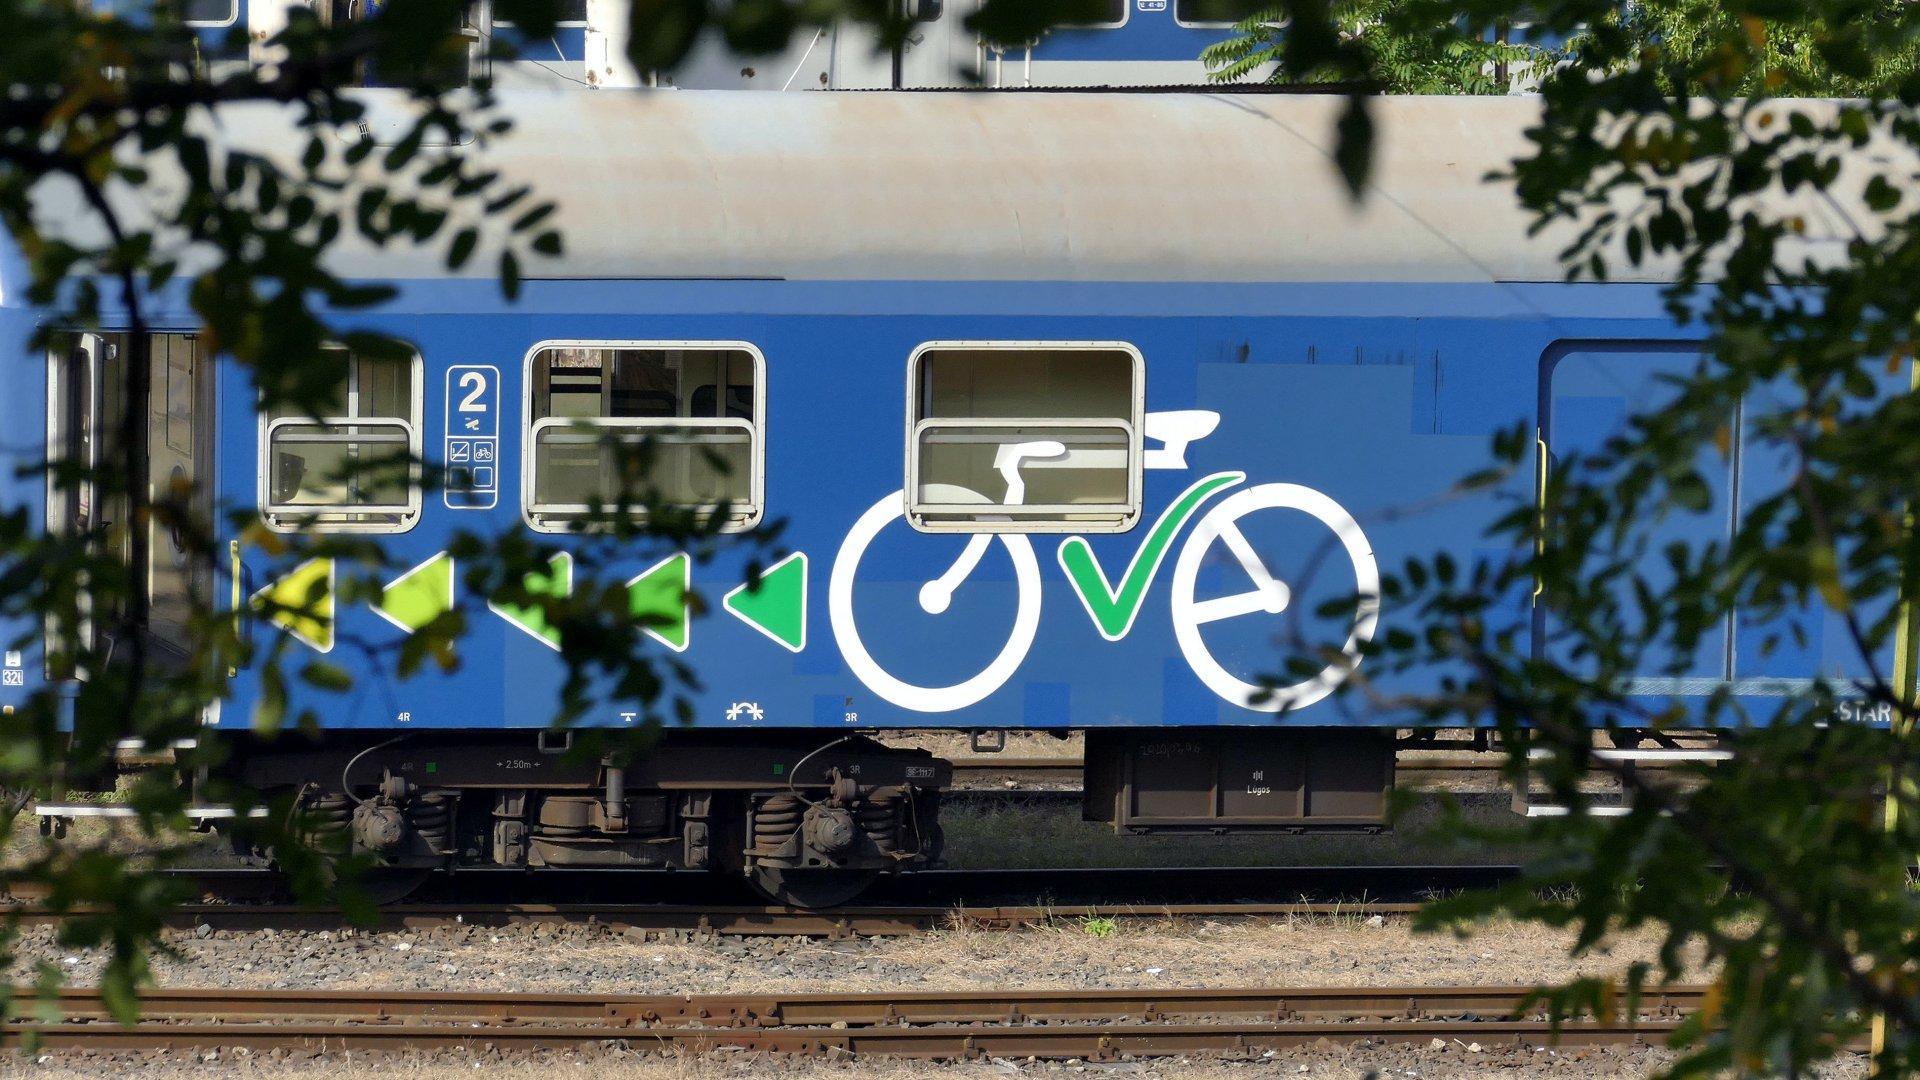 Kerékpárszállítás vasúton